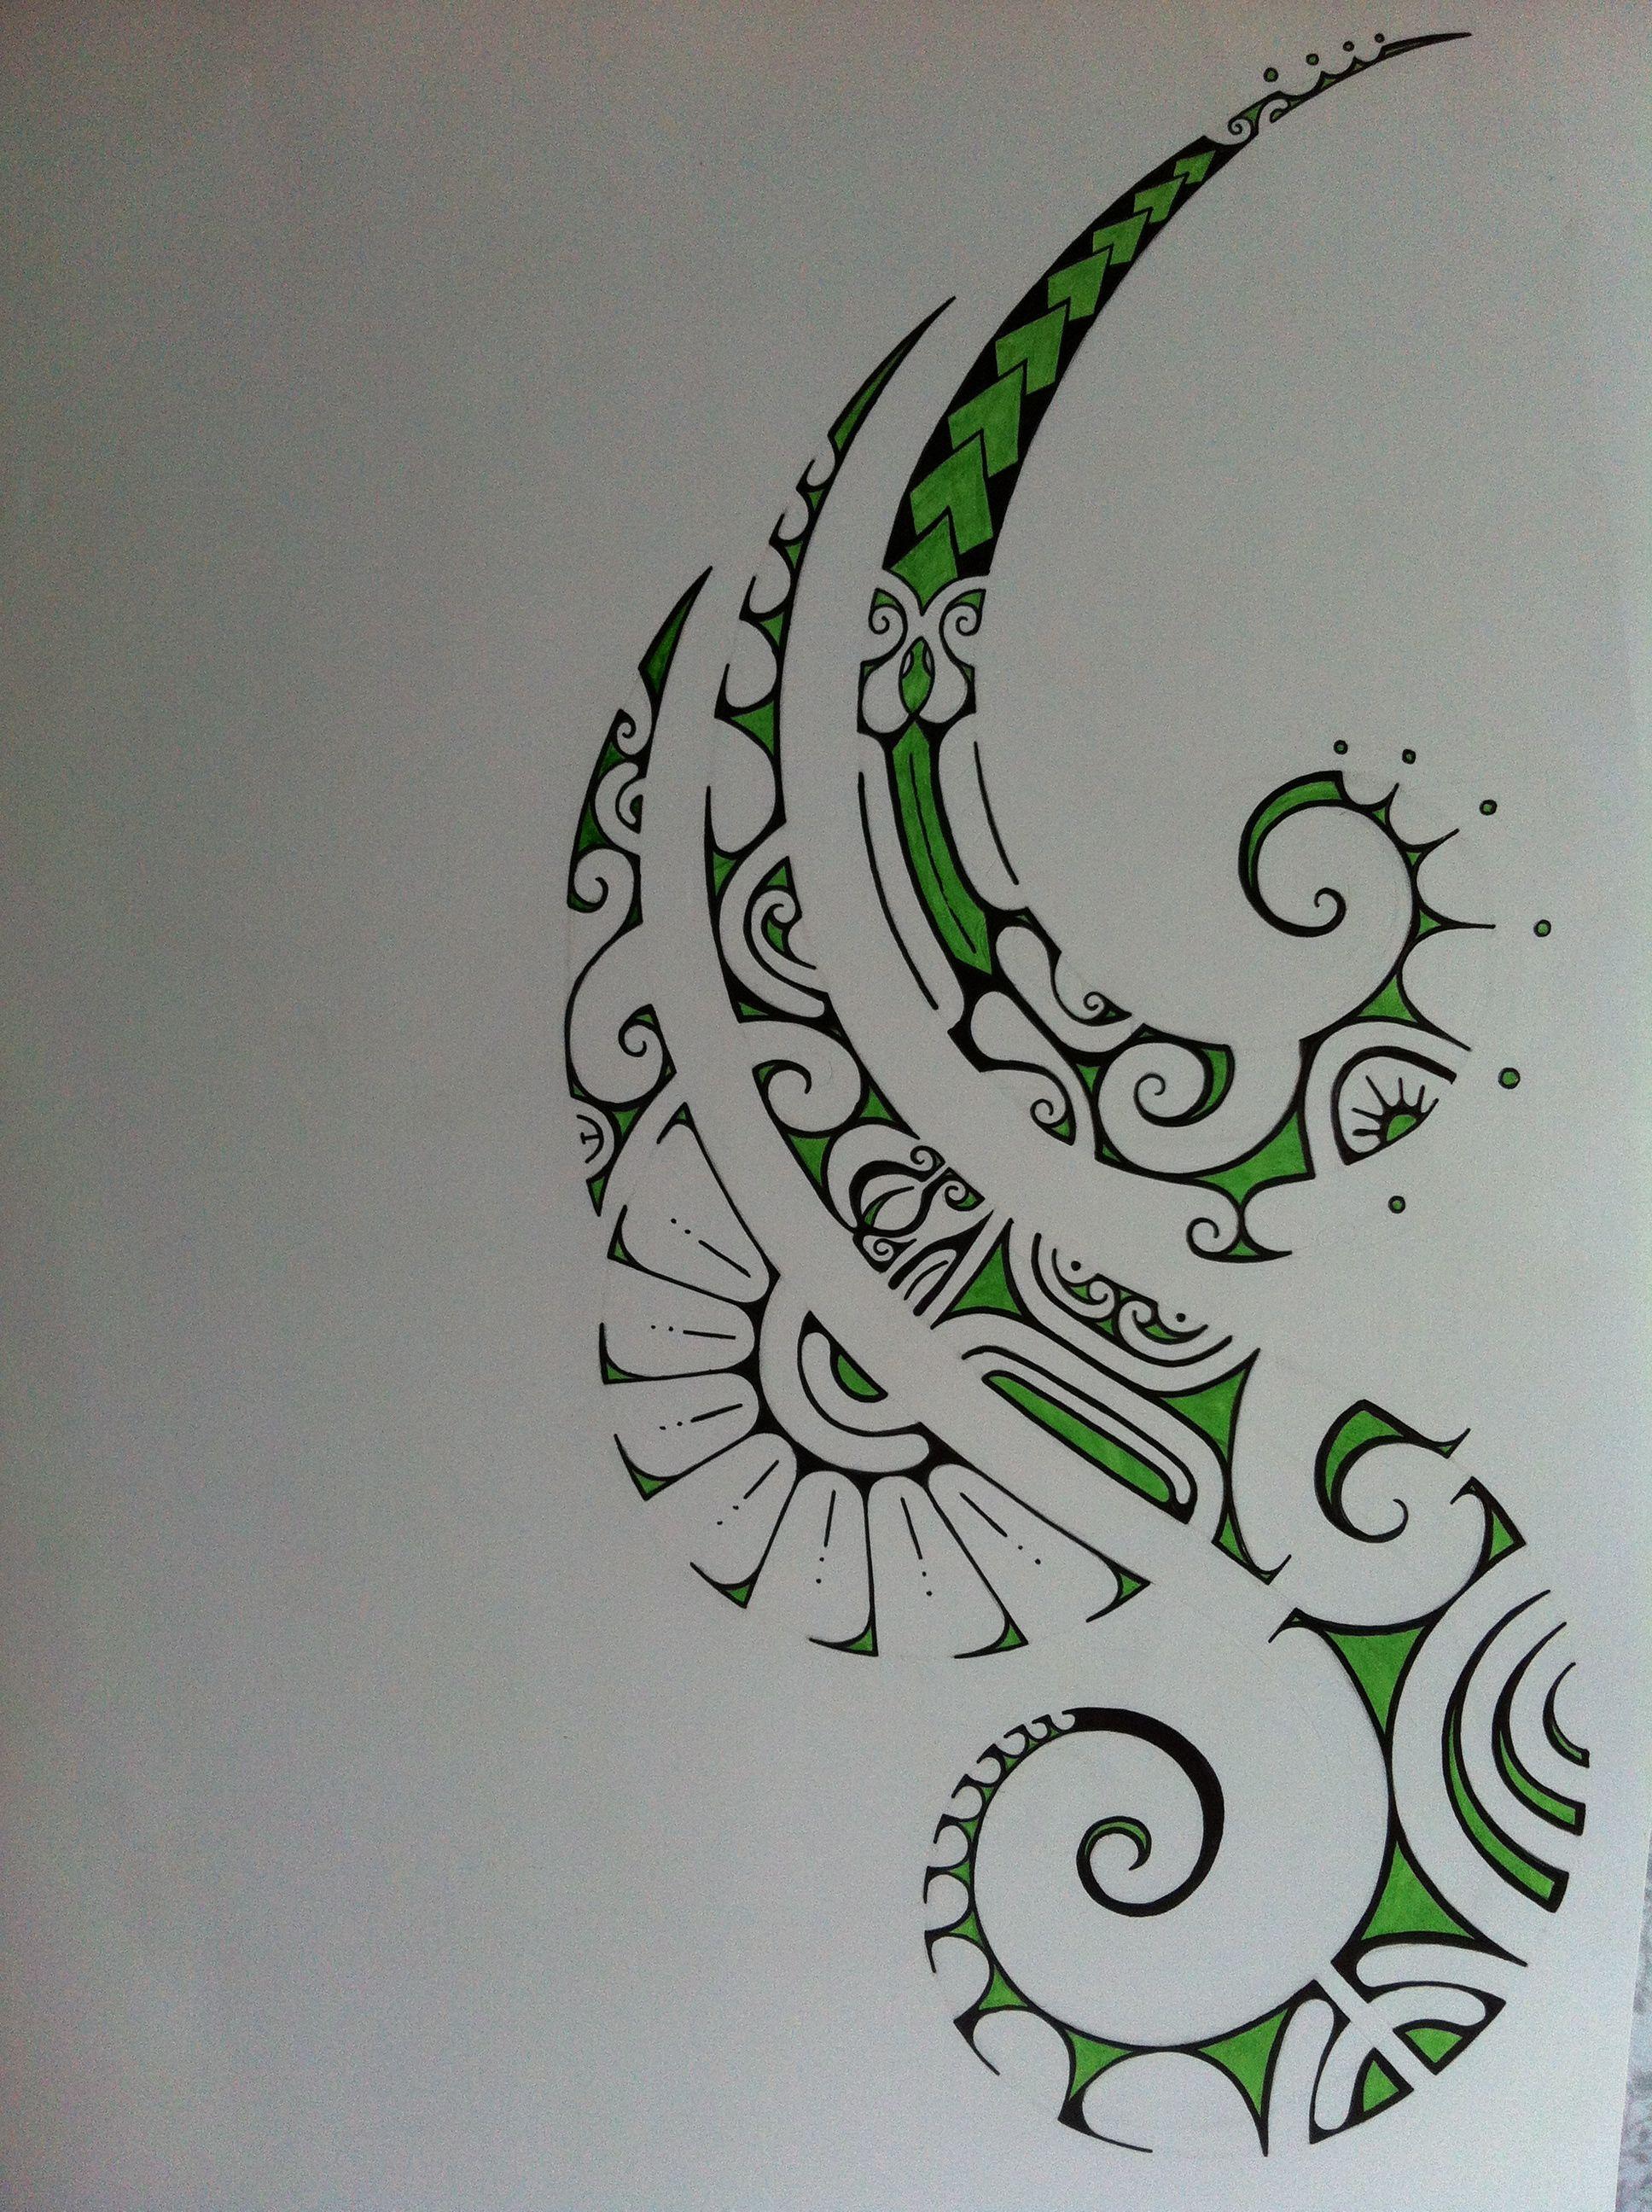 Art Design Drawing : Pretty polynesian tattoo drawing tattooooooos